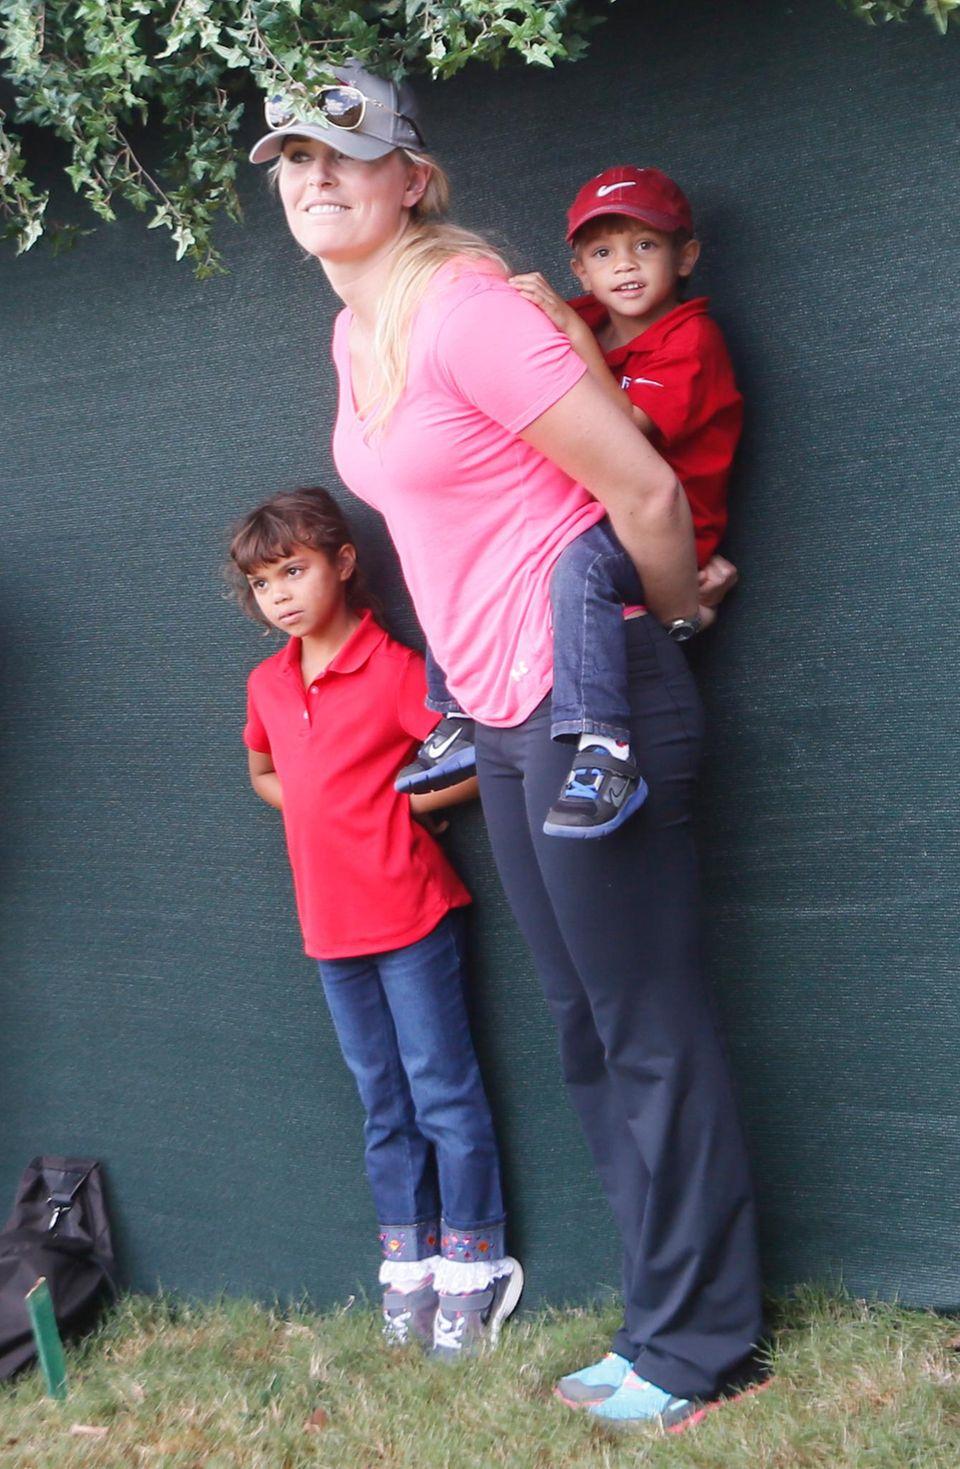 22. September 2013: Lindsey Vonn kümmert sich um die Sam und Charlie, Kinder von Tiger Woods, während er auf dem Golfplatz steht.